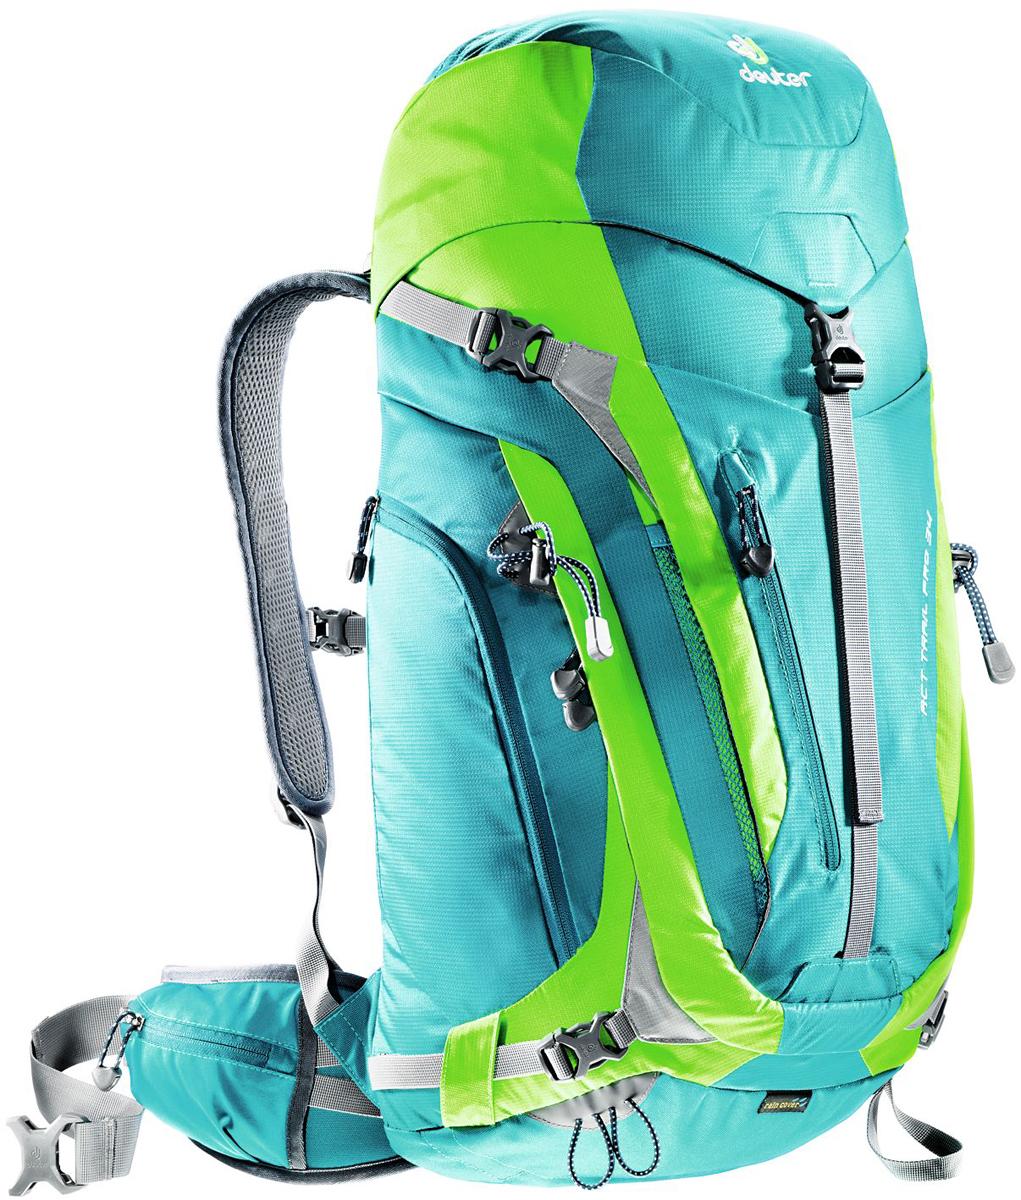 цена на Рюкзак туристический Deuter ACT Trail, цвет: голубой, салатовый, 34 л